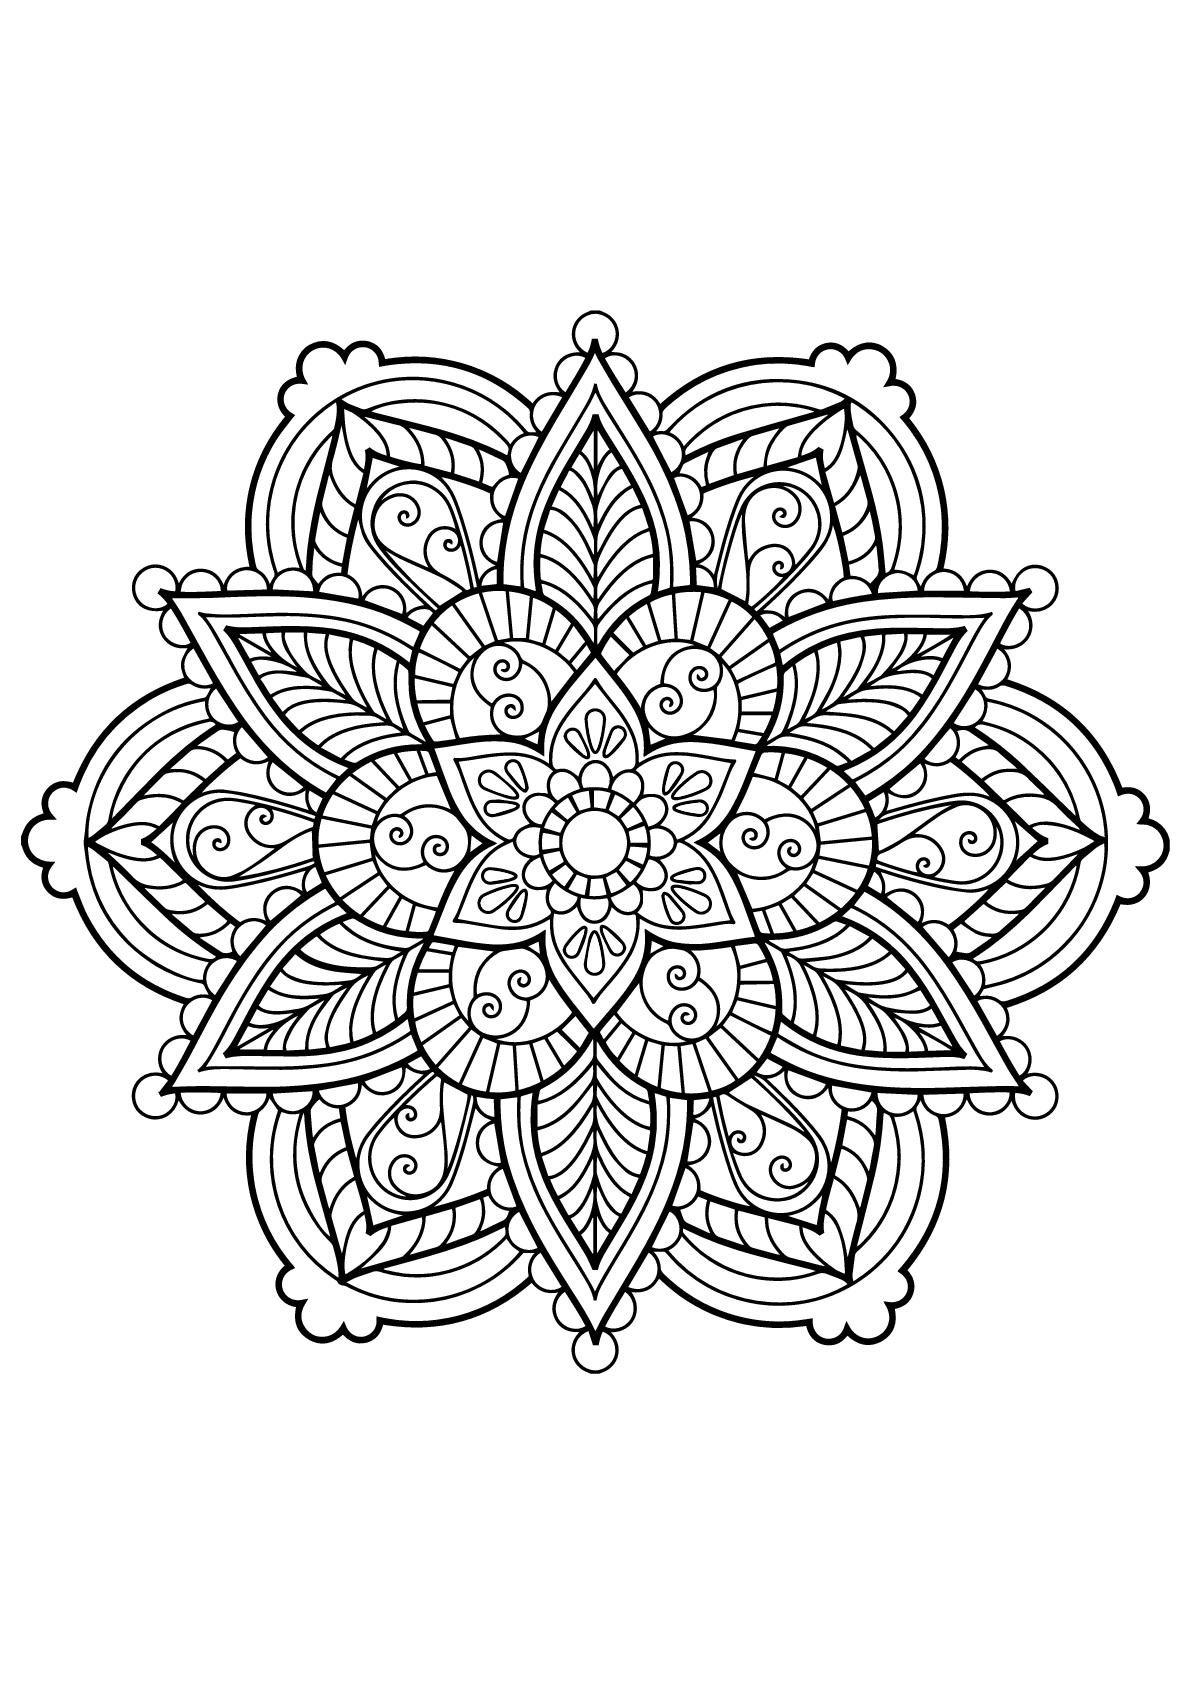 Mandala livre gratuit 28 mandalas coloriages - Coloriages adultes ...